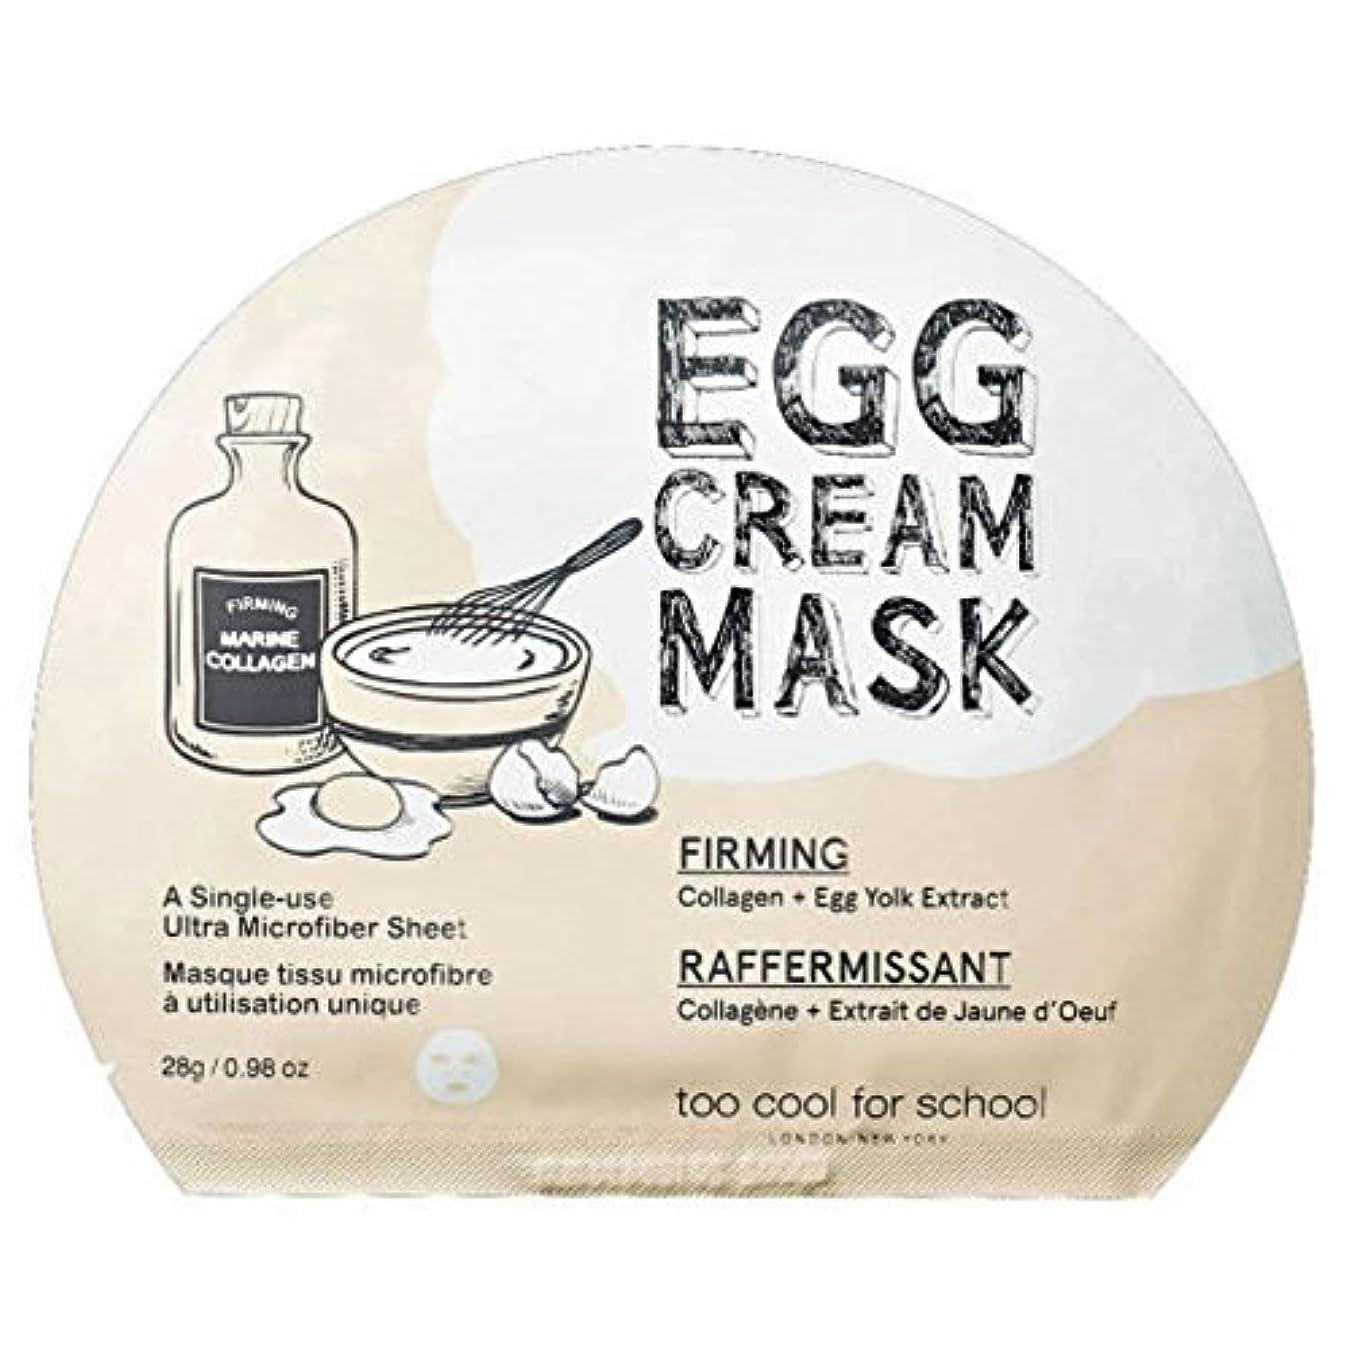 ワイヤー灰人種[New] too cool for school Egg Cream Mask (Firming) 28g × 5ea/トゥークール フォースクール エッグ クリーム マスク (ファーミング) 28g × 5枚